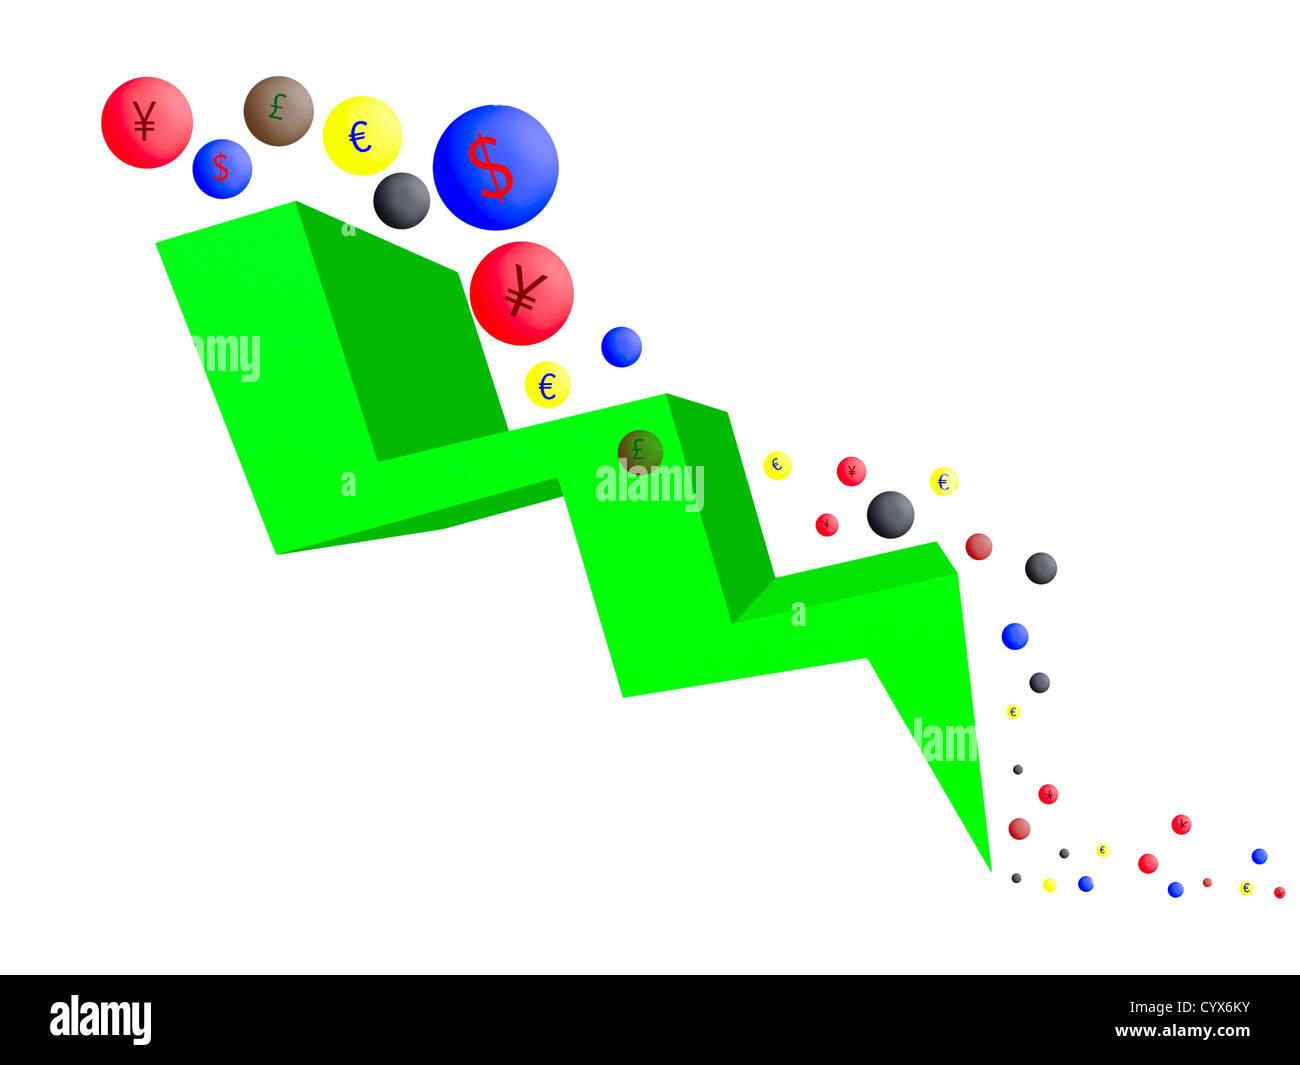 Währungen im Abwärtstrend, weißer Hintergrund Stockbild